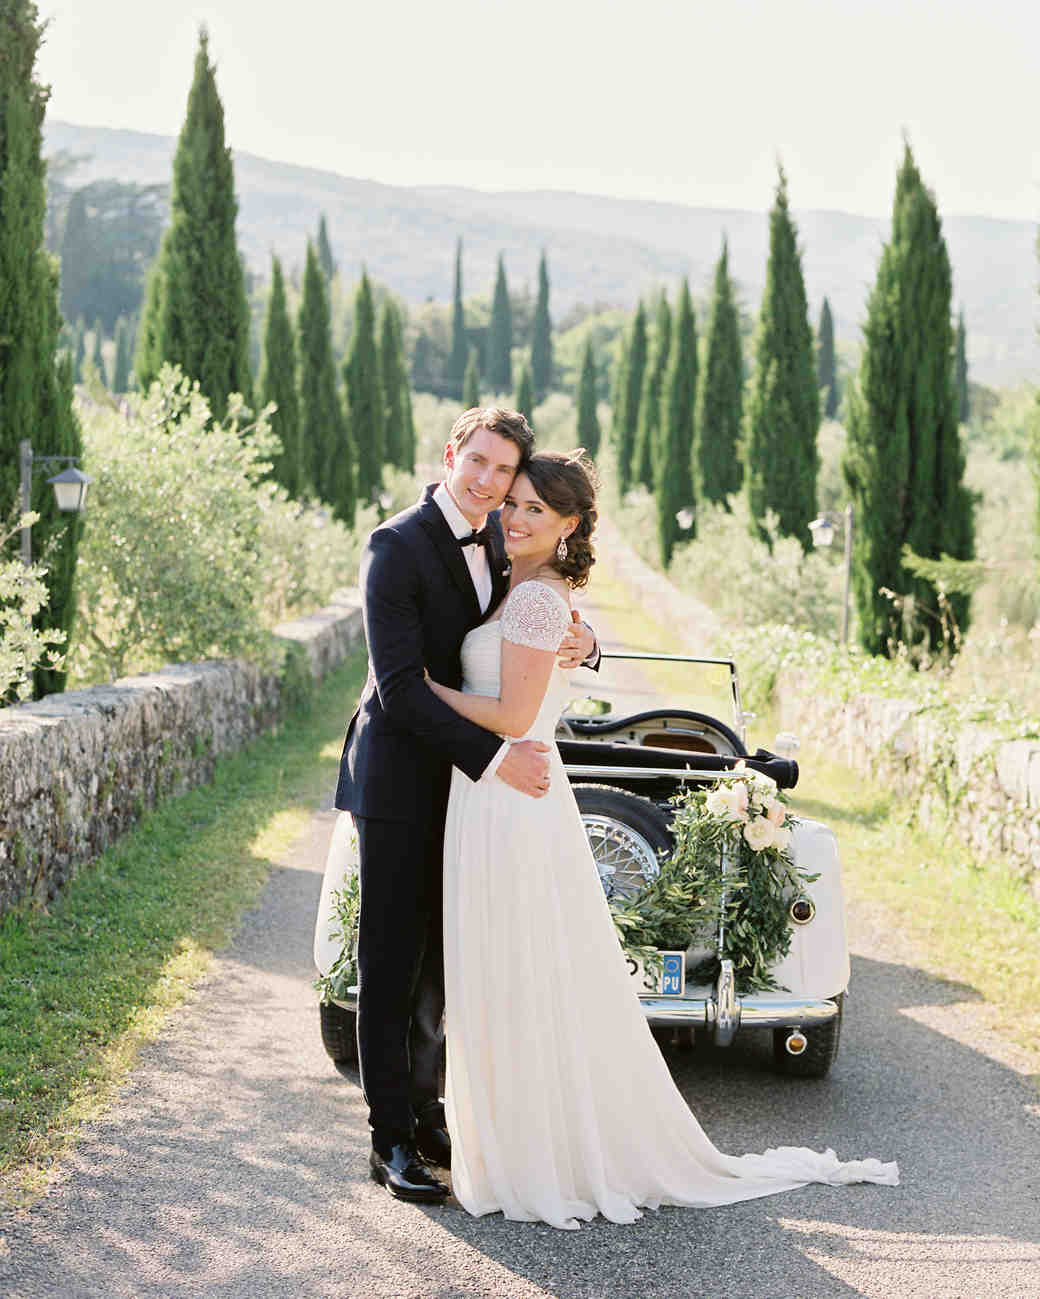 Italian Weddings: Lauren And Ollie's Tuscan Wedding